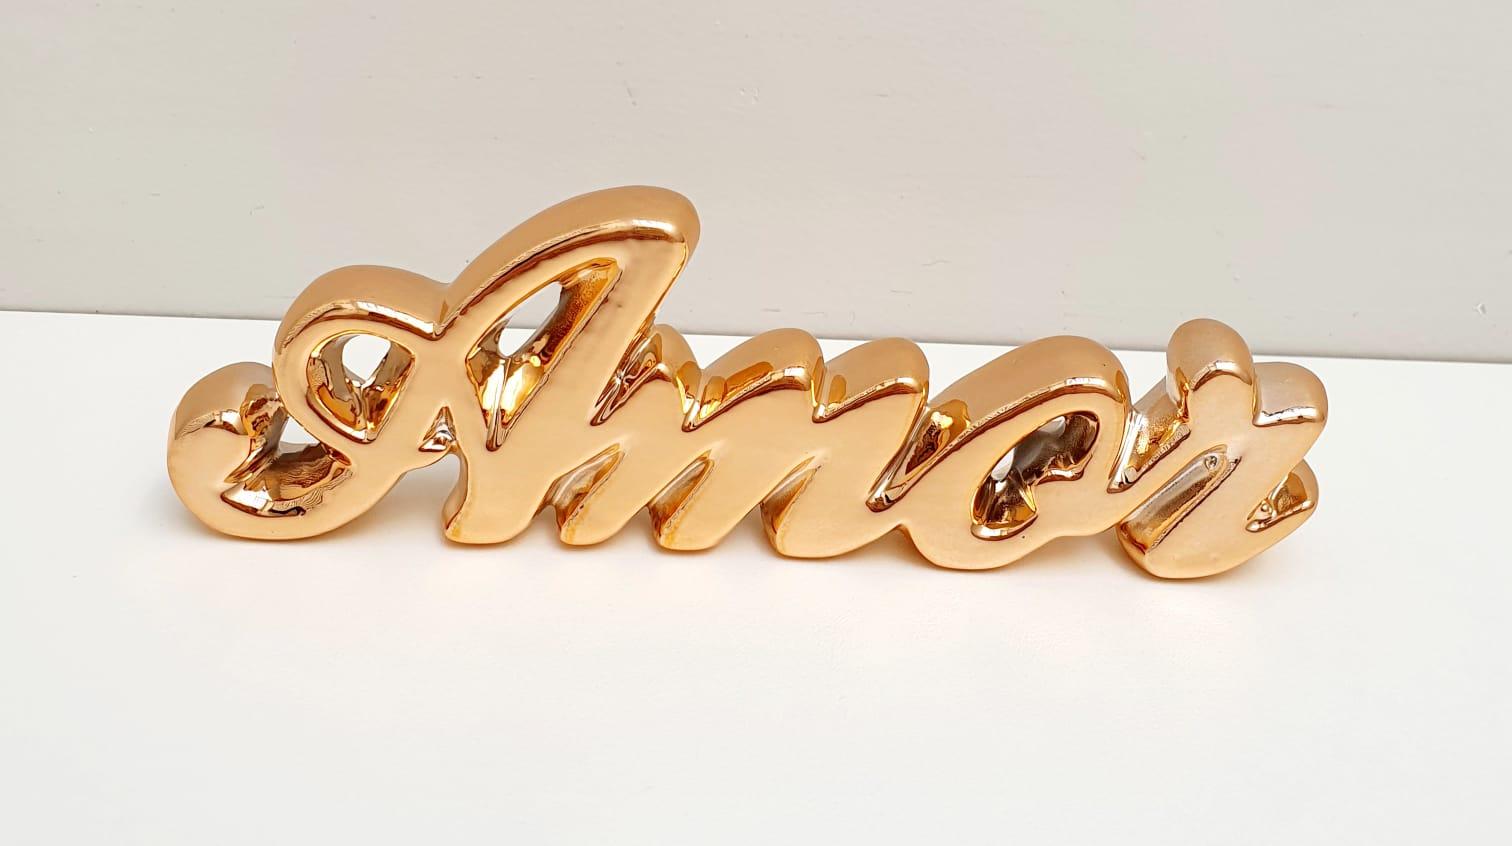 Palavra Amor em cerâmica metalizado